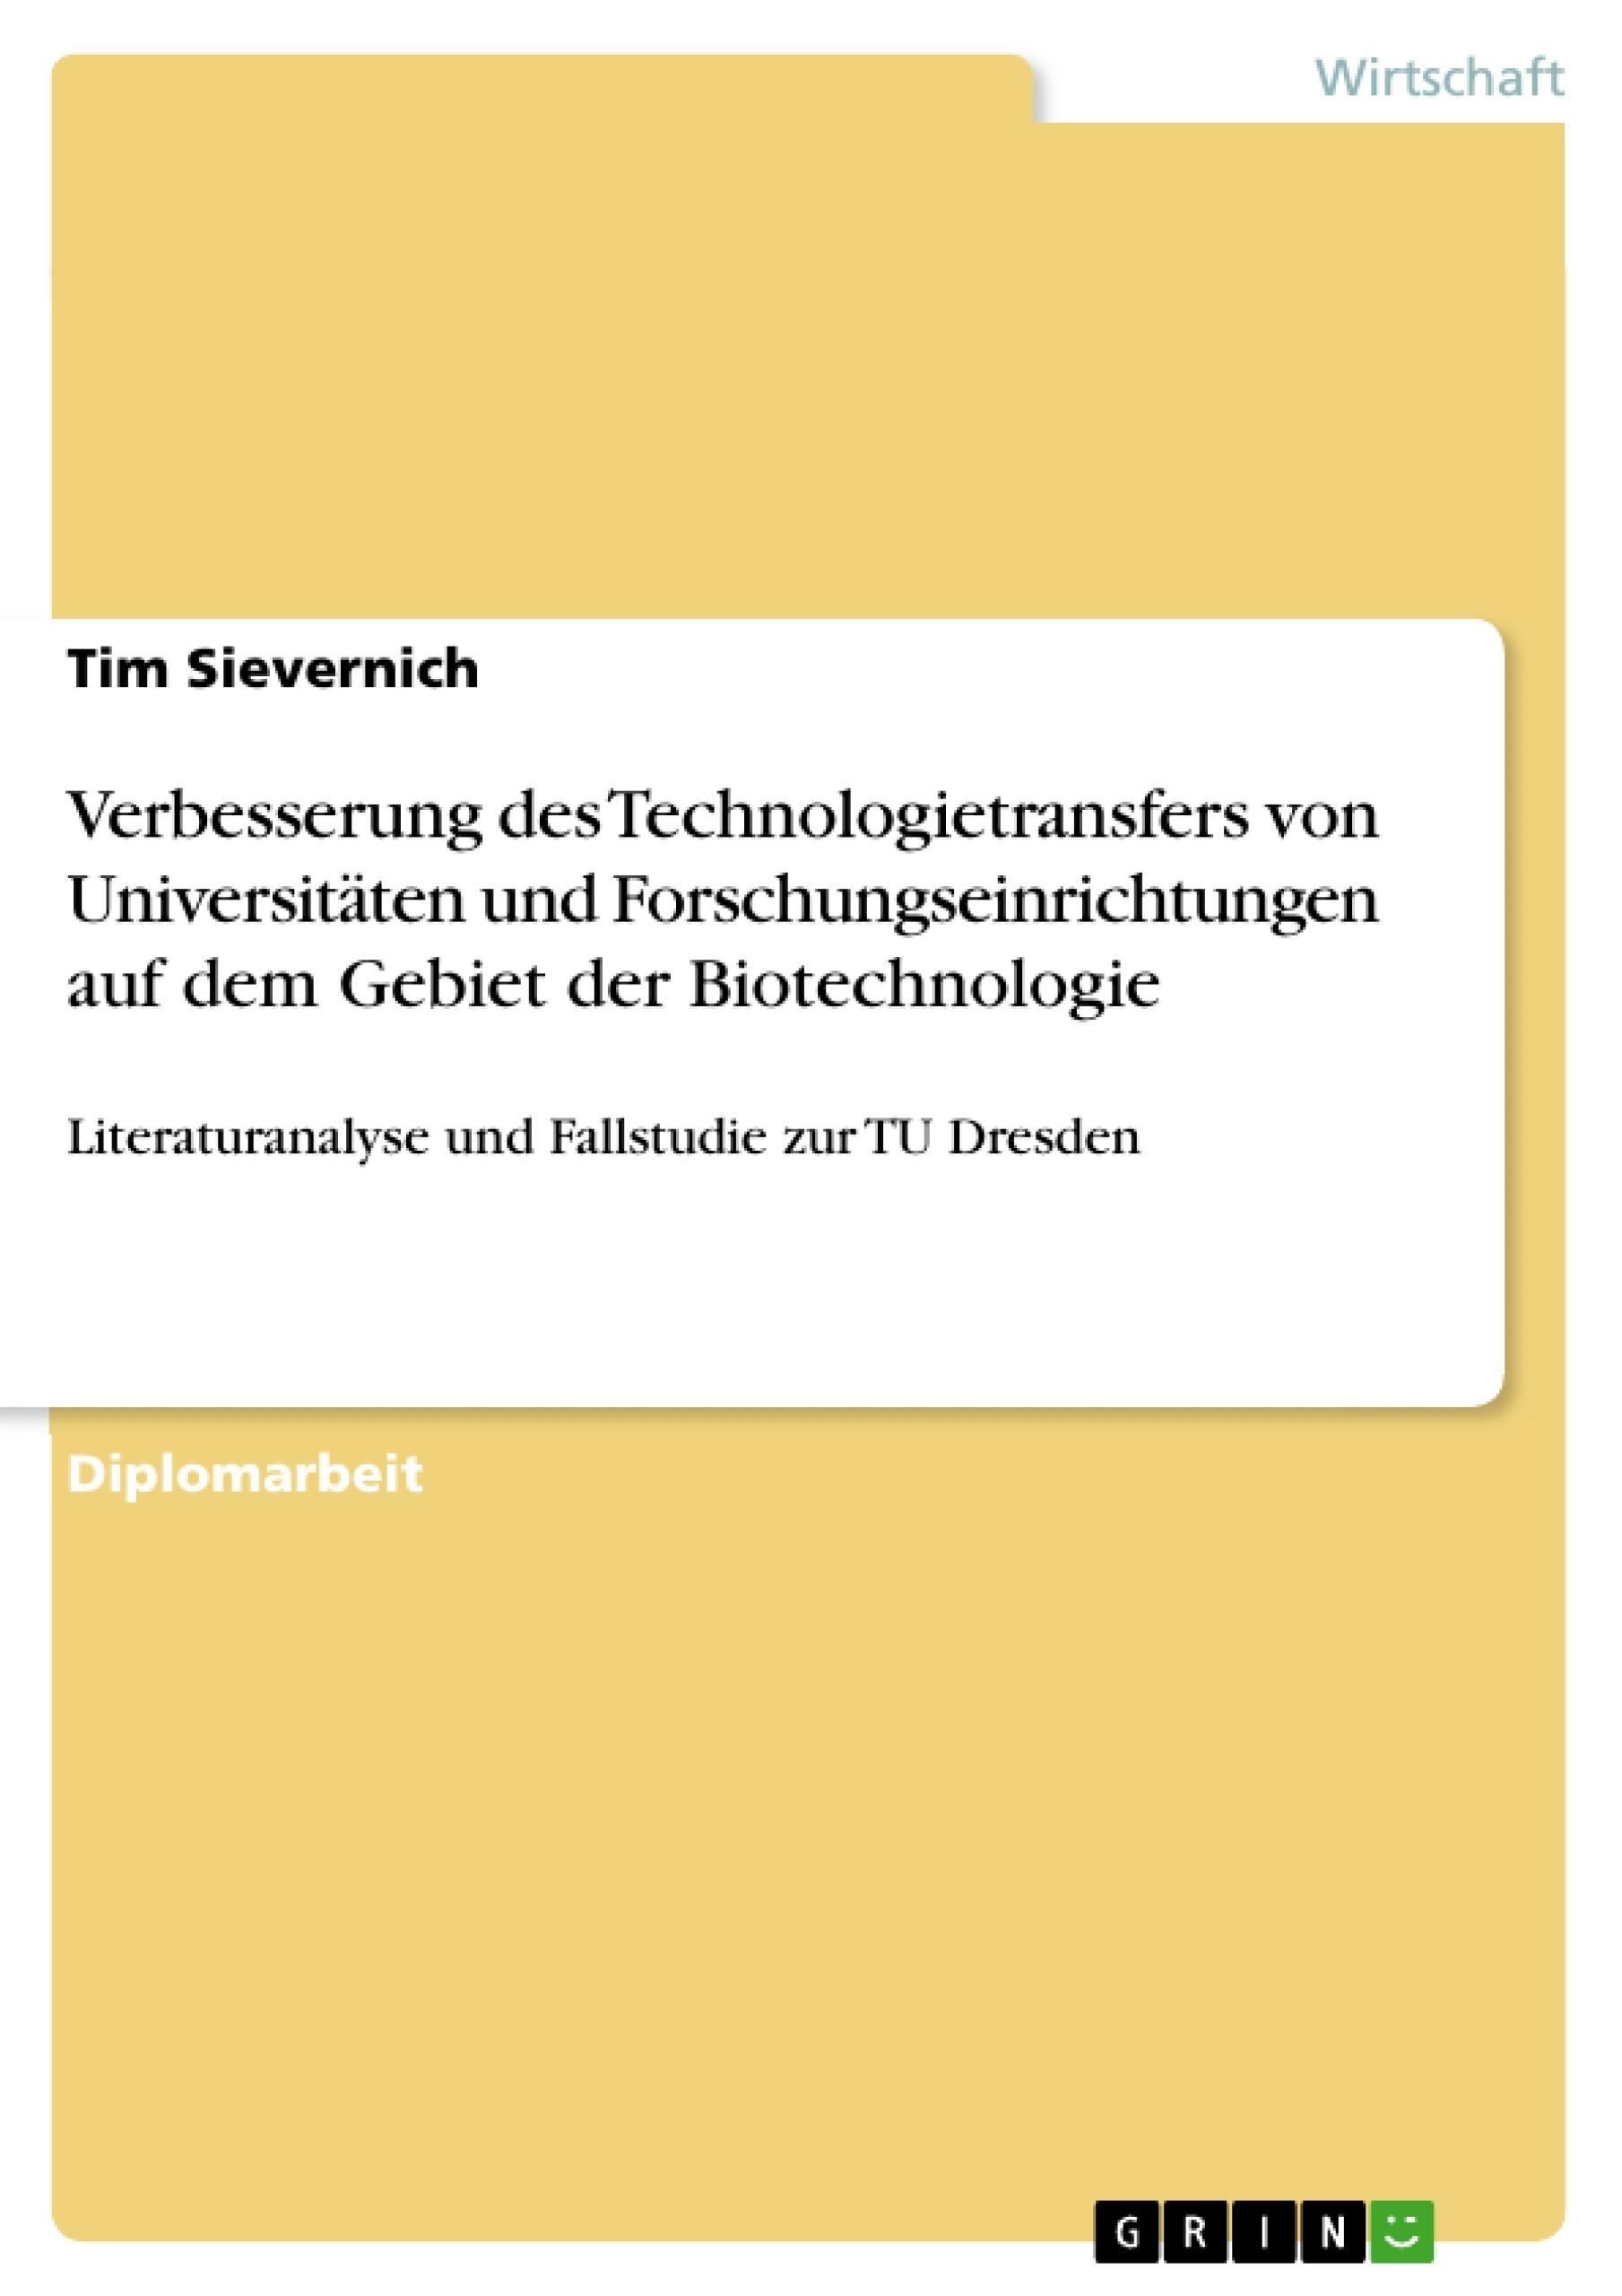 Titel: Verbesserung des Technologietransfers von Universitäten und Forschungseinrichtungen auf dem Gebiet der Biotechnologie